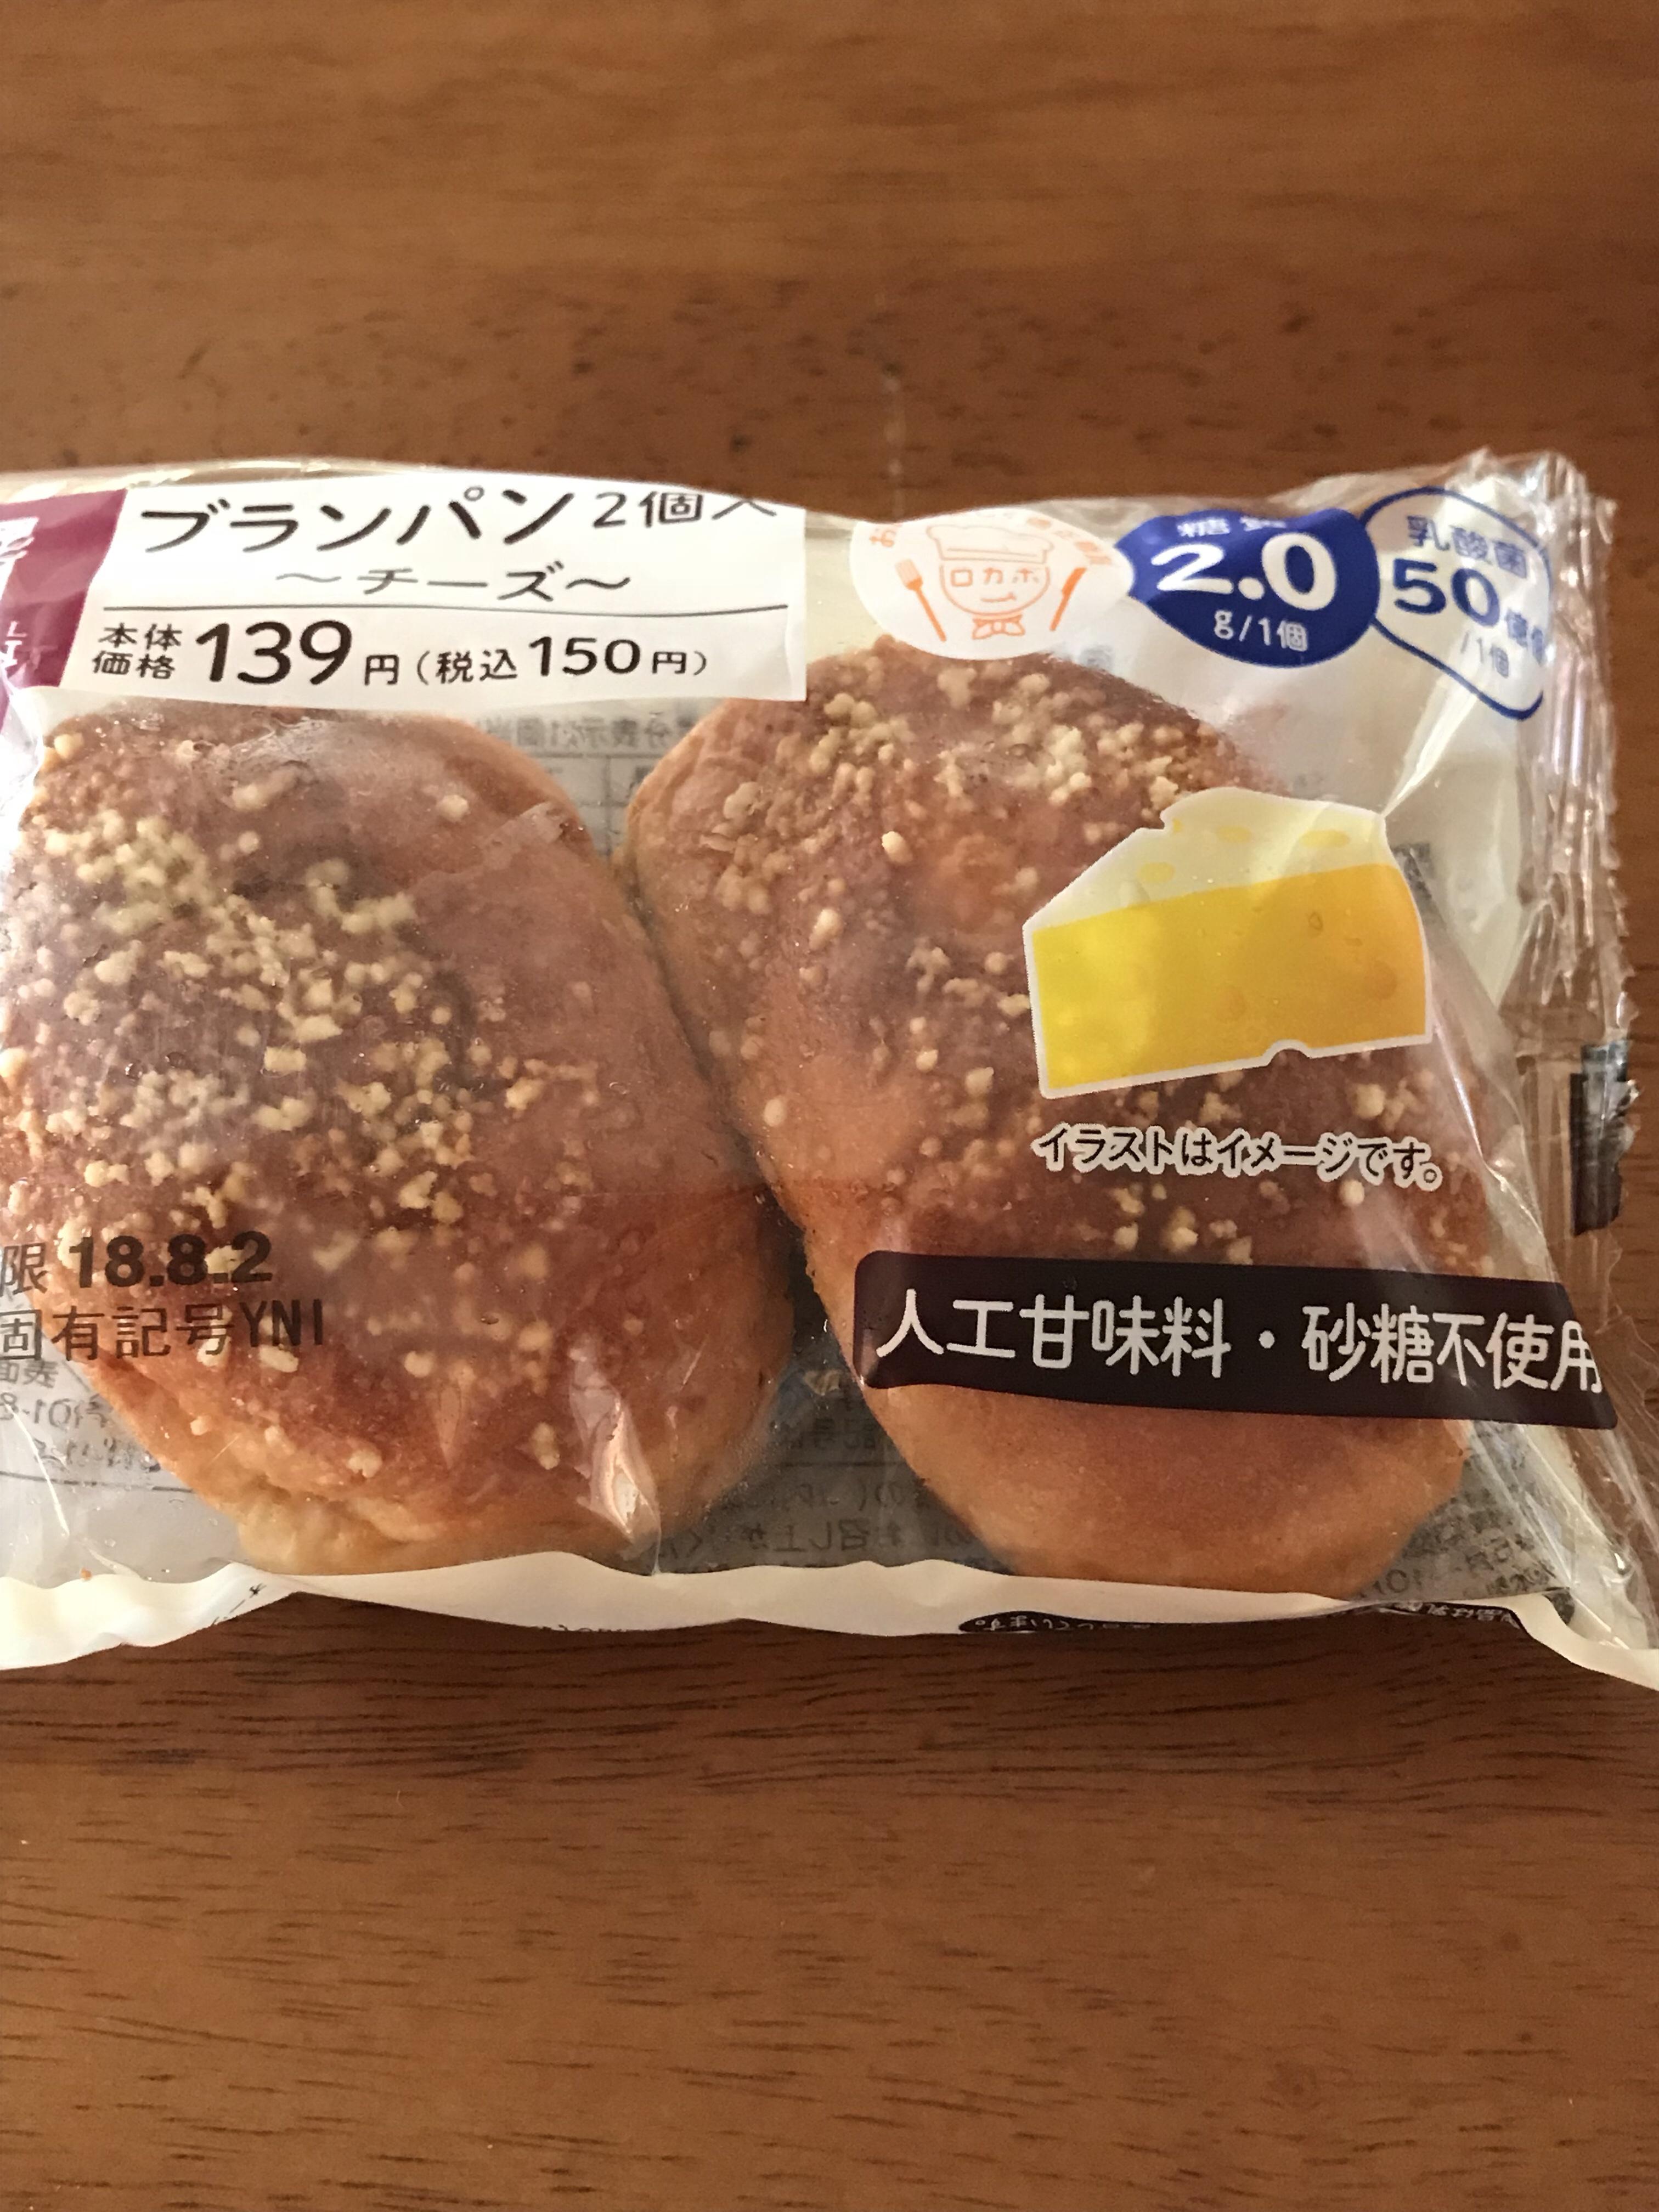 ローソンのブランパンは糖質制限に良いのか? 口コミ